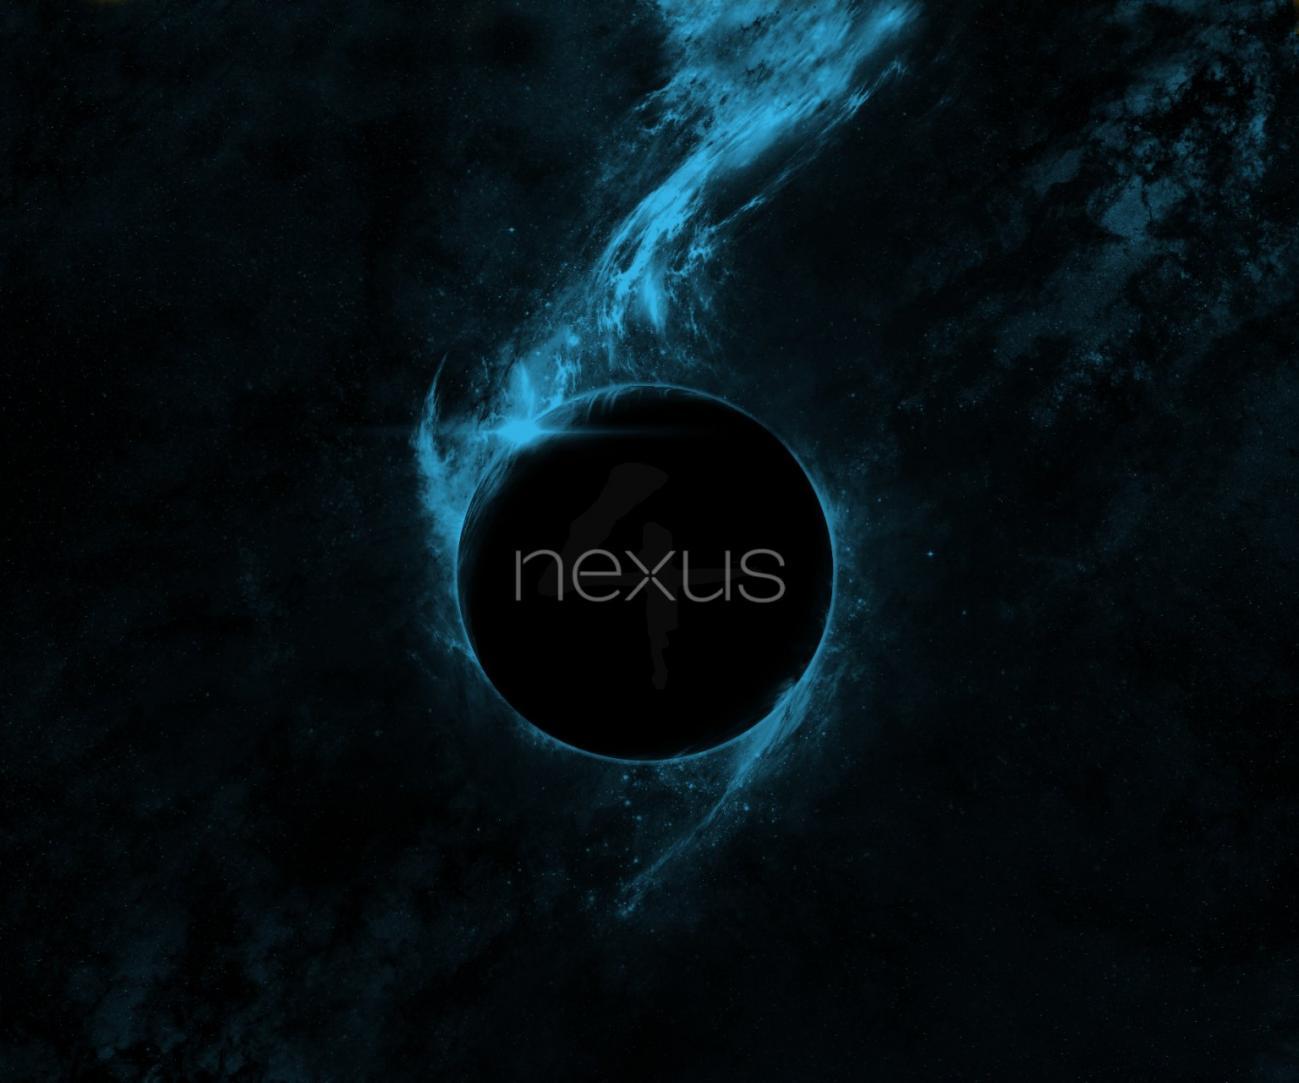 HD Wallpapers | Desktop Wallpapers 1080p: Nexus 4 Wallpapers